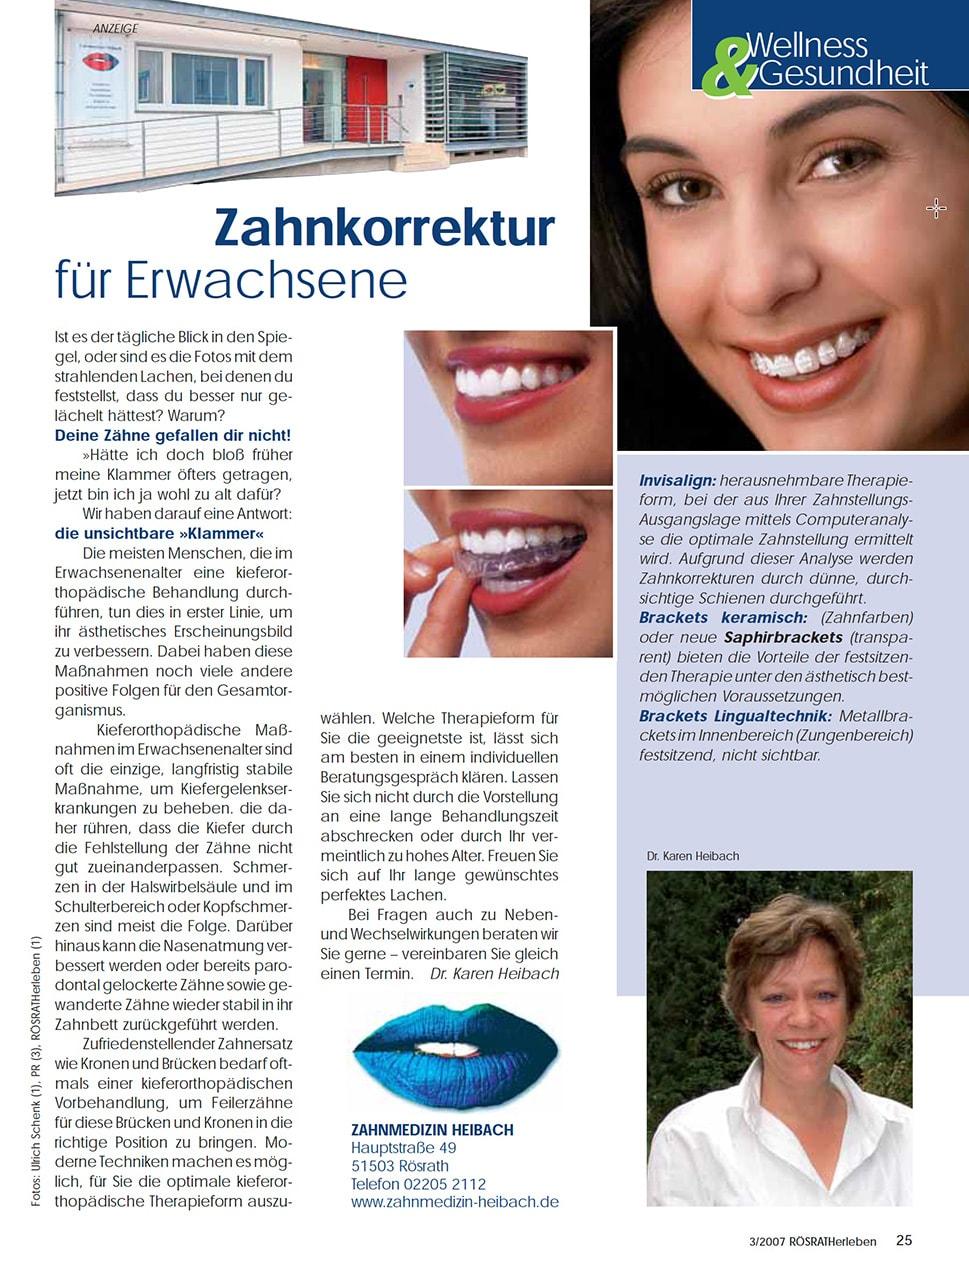 Z-MVZ dental suite - Pressemitteilung: Zahnkorrektur für Erwachsene